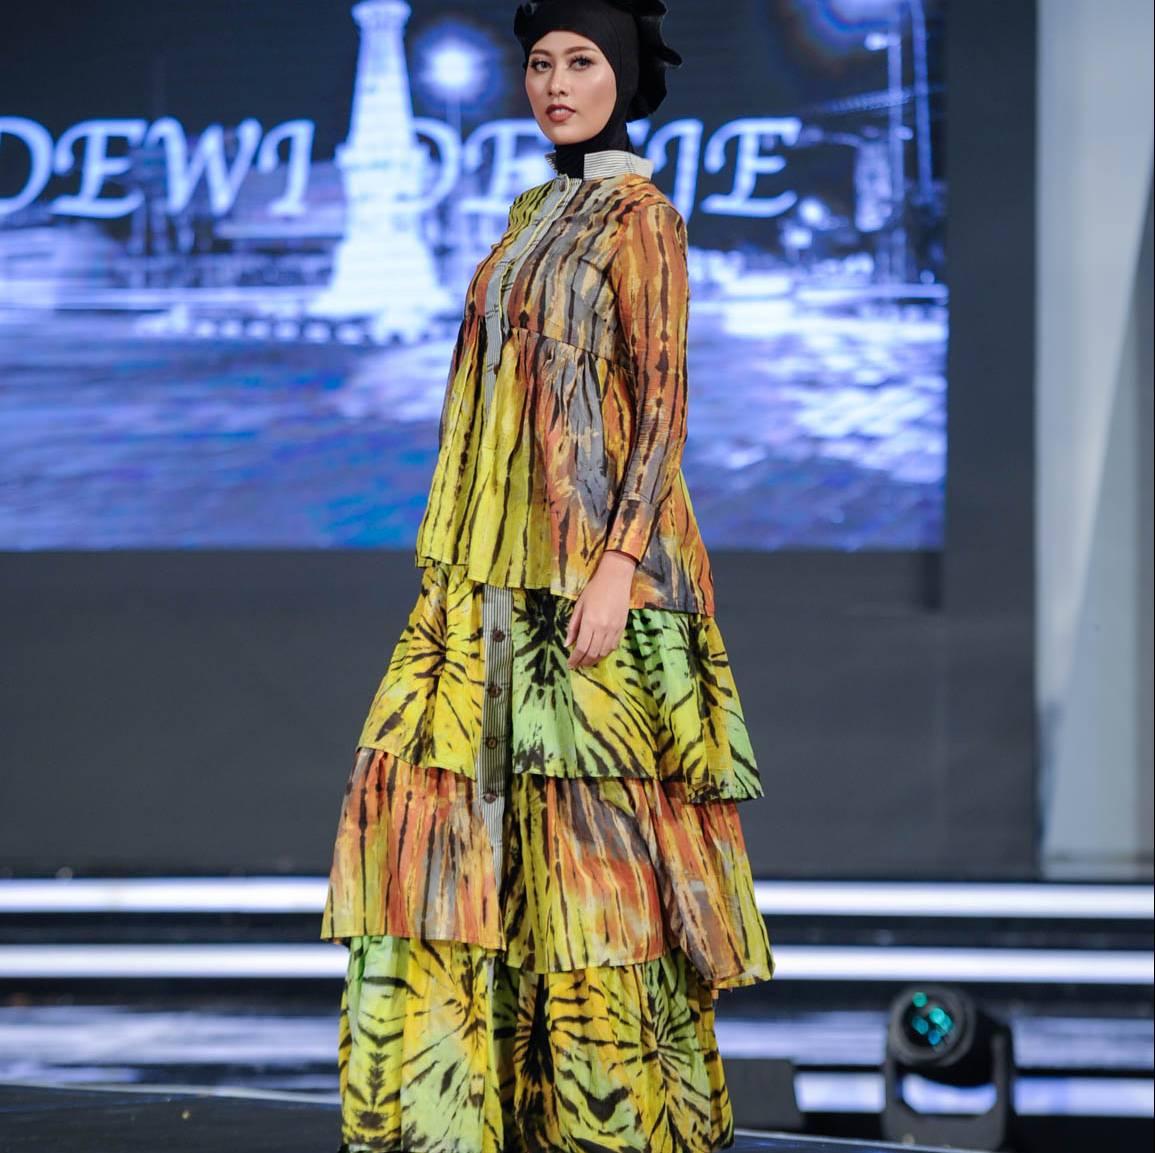 Ruffle Shibory Dress1